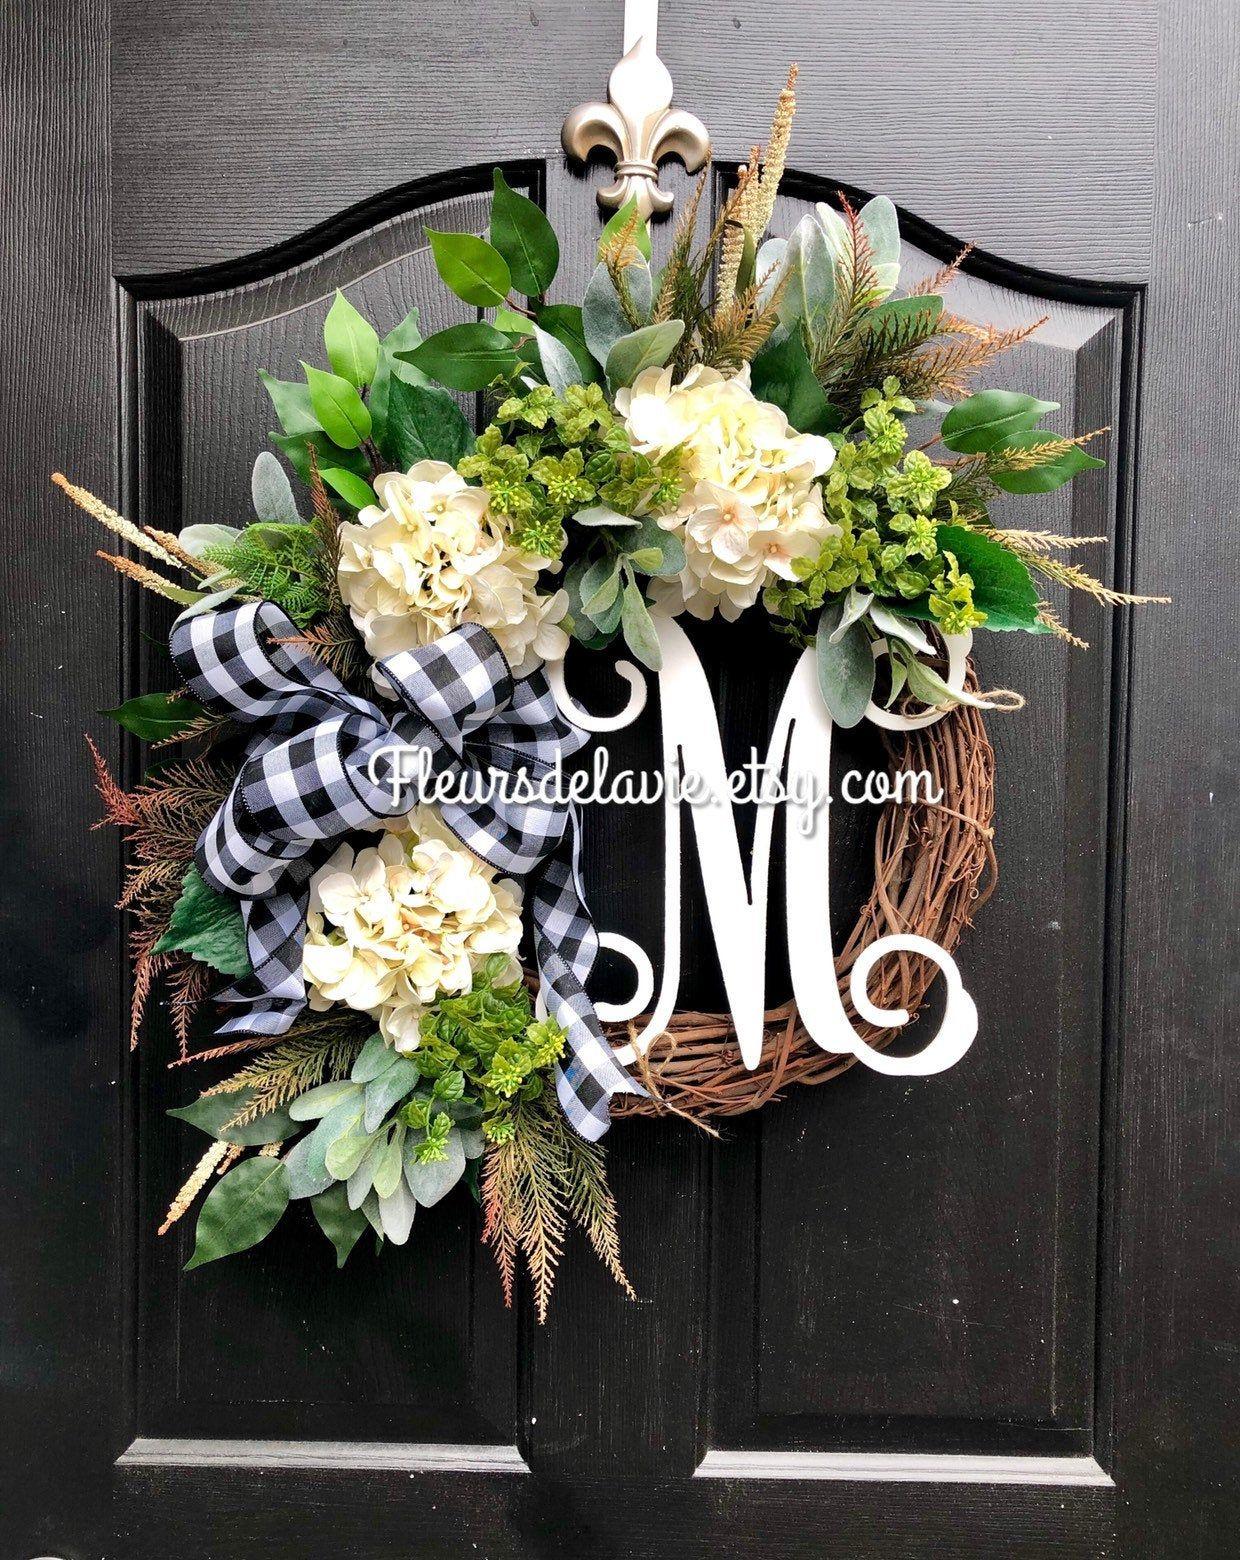 Photo of NEW! Farmhouse wreath, front door wreaths, spring door wreaths, spring wreath for door, buffalo check wreath, farmhouse Christmas wreath